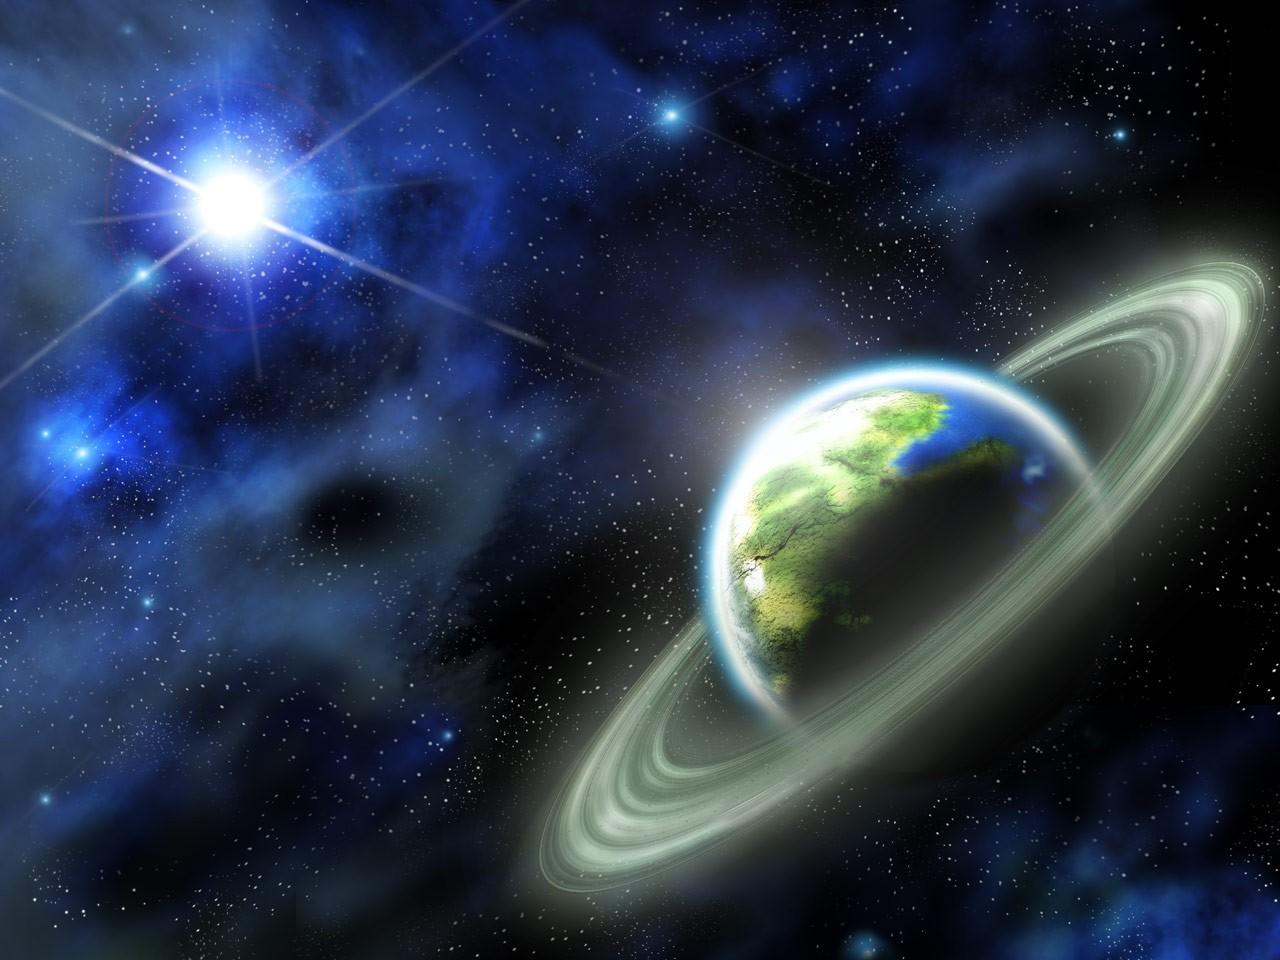 «Аспекты планет в 2017 году. На какие события они указывают?» Заметки астролога.